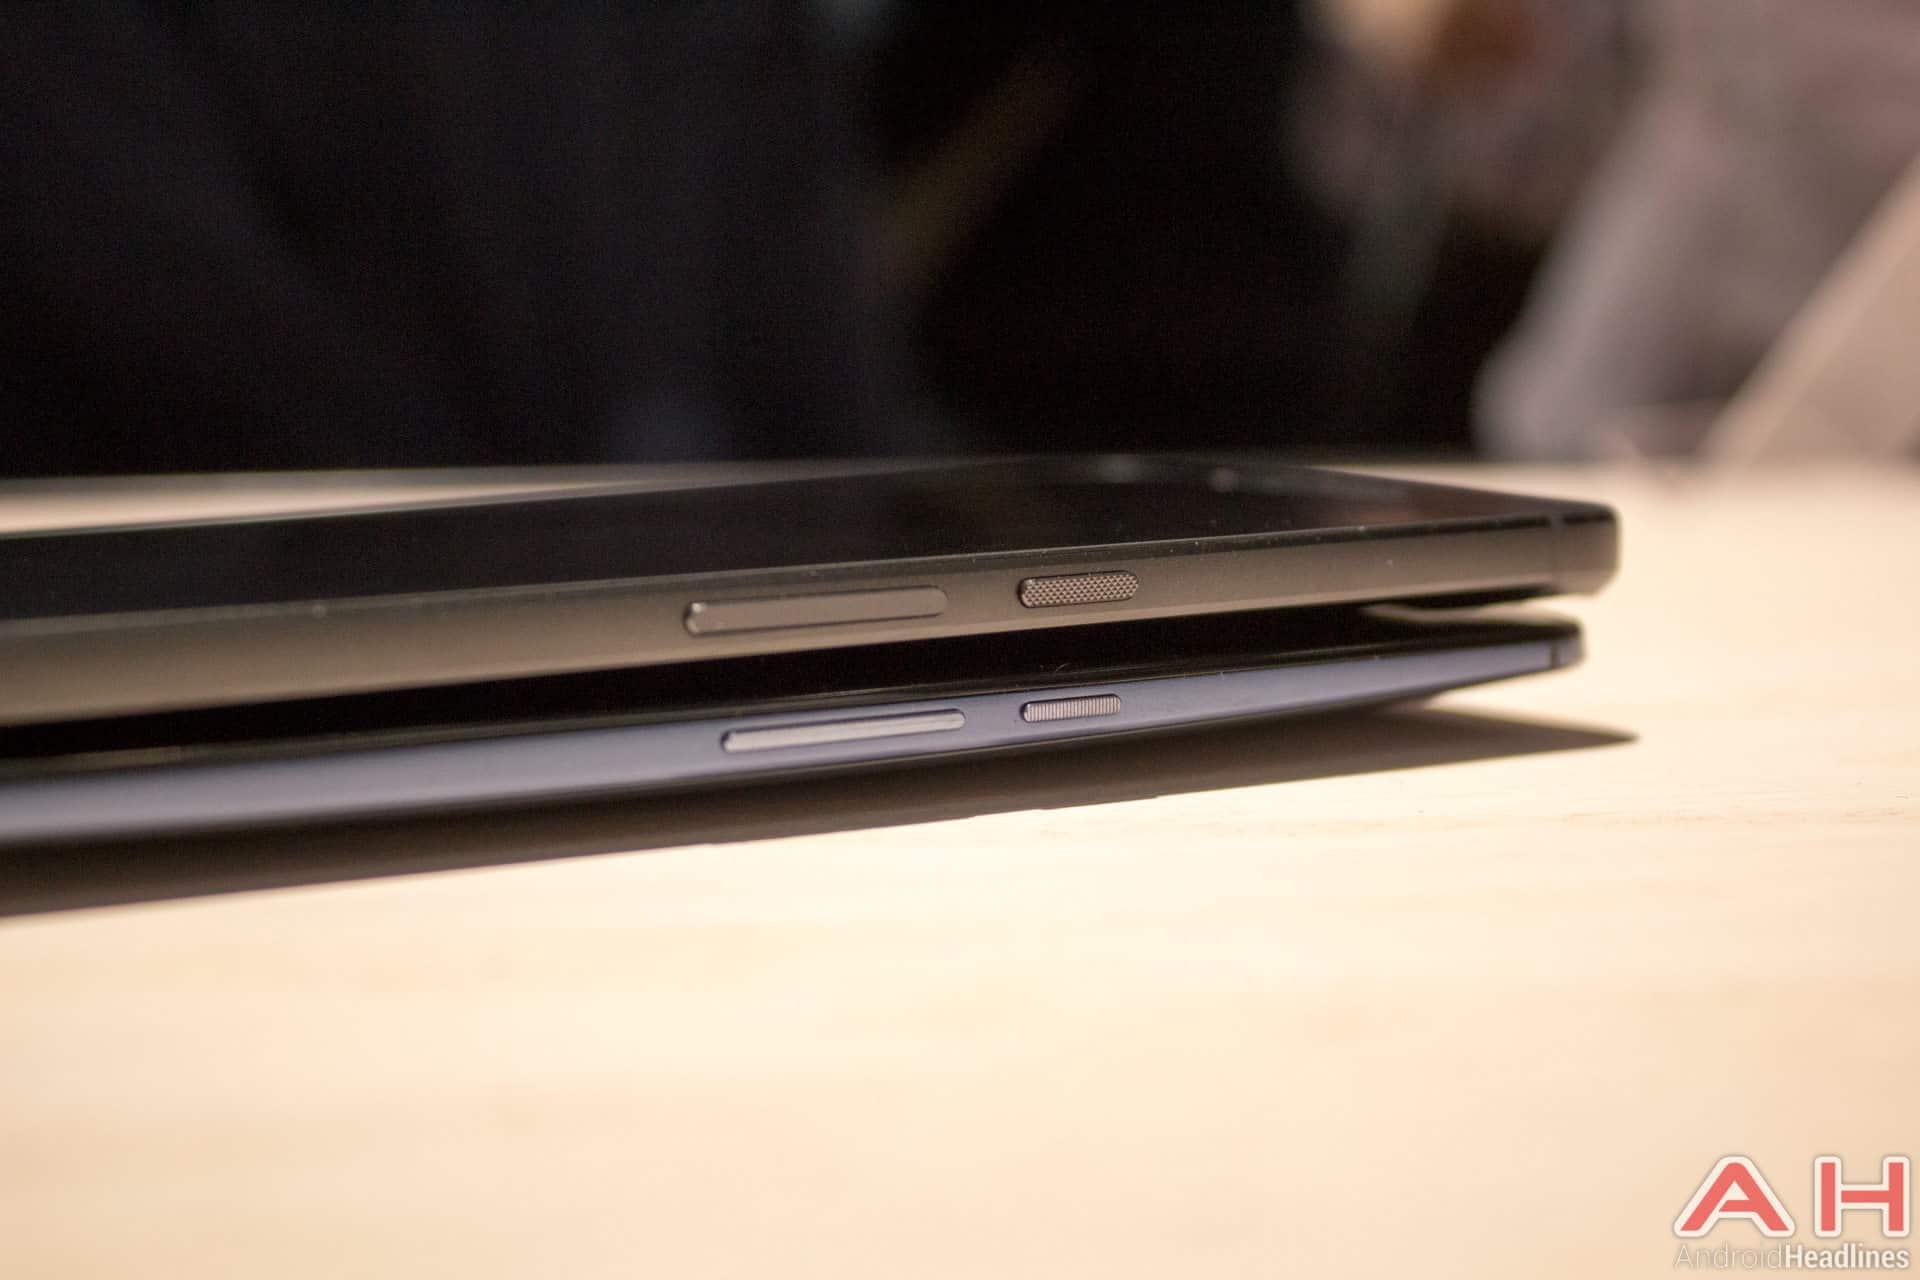 Nexus 6 vs Nexus 6P AH 5